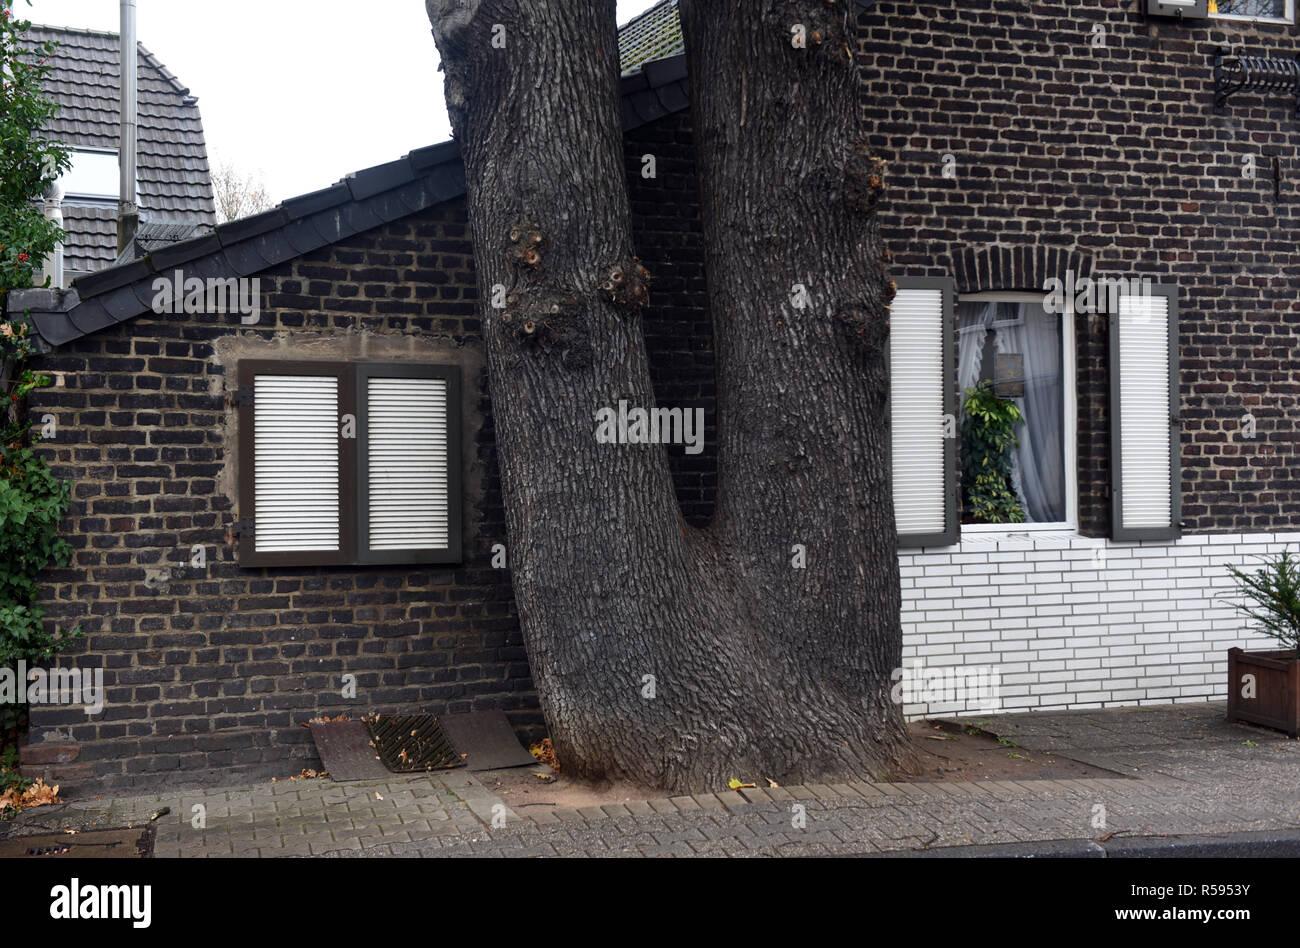 29. November 2018, Nordrhein-Westfalen, Düsseldorf: ein Doppelzimmer - der Stamm der Eiche steht ganz in der Nähe der Giebelwand eines kleinen brick House. Foto: Horst Ossinger/dpa Stockfoto